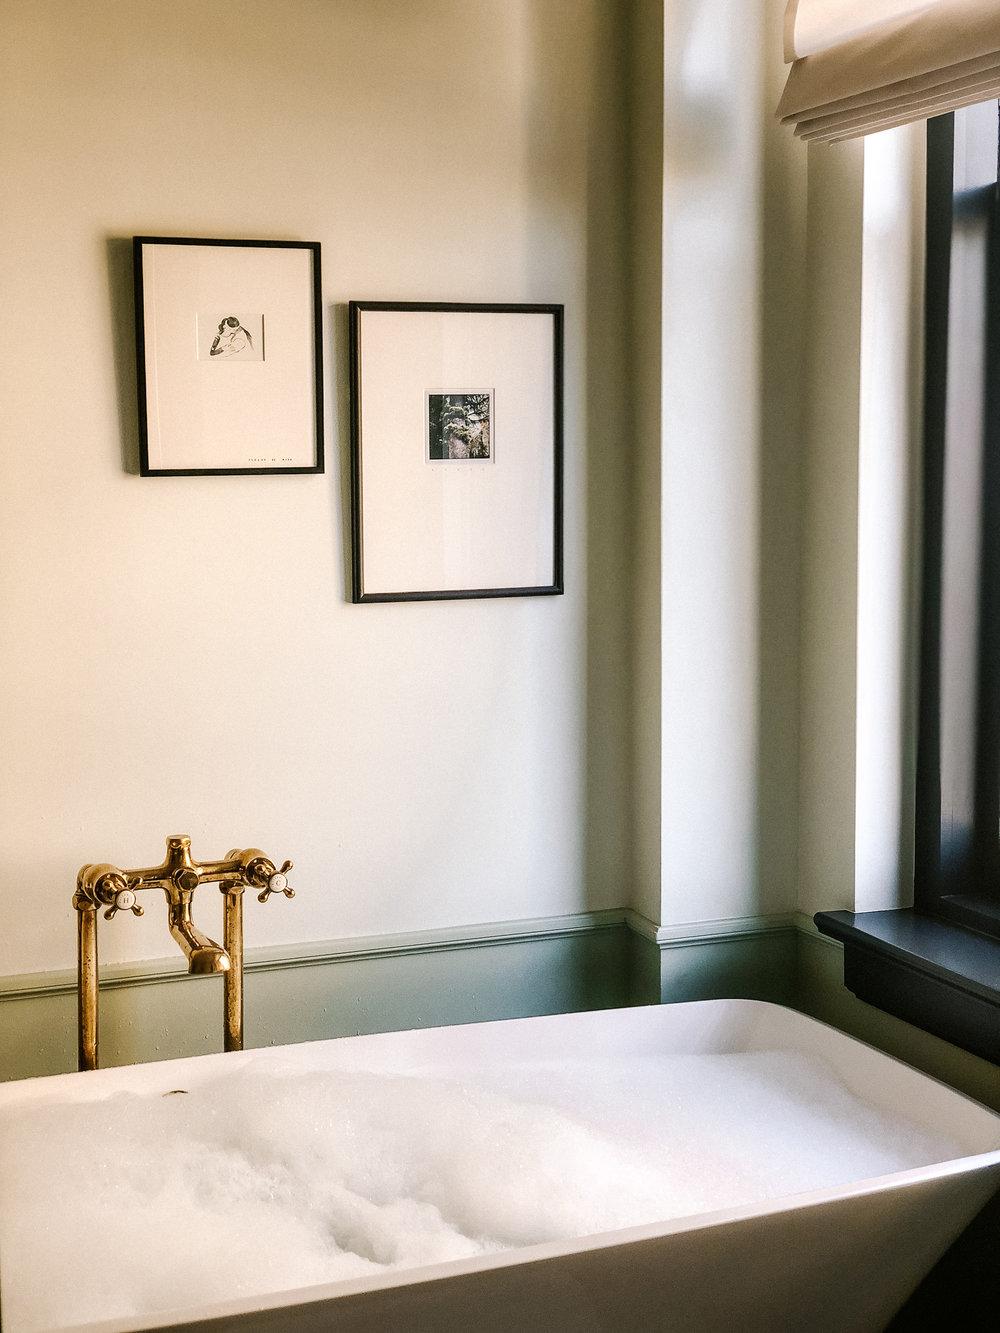 AshleyCampuzanoBlog_Nomad-Hotel_ACexplores_AshleyCampuzanoActress_@CampuzanoAshley_20.jpg